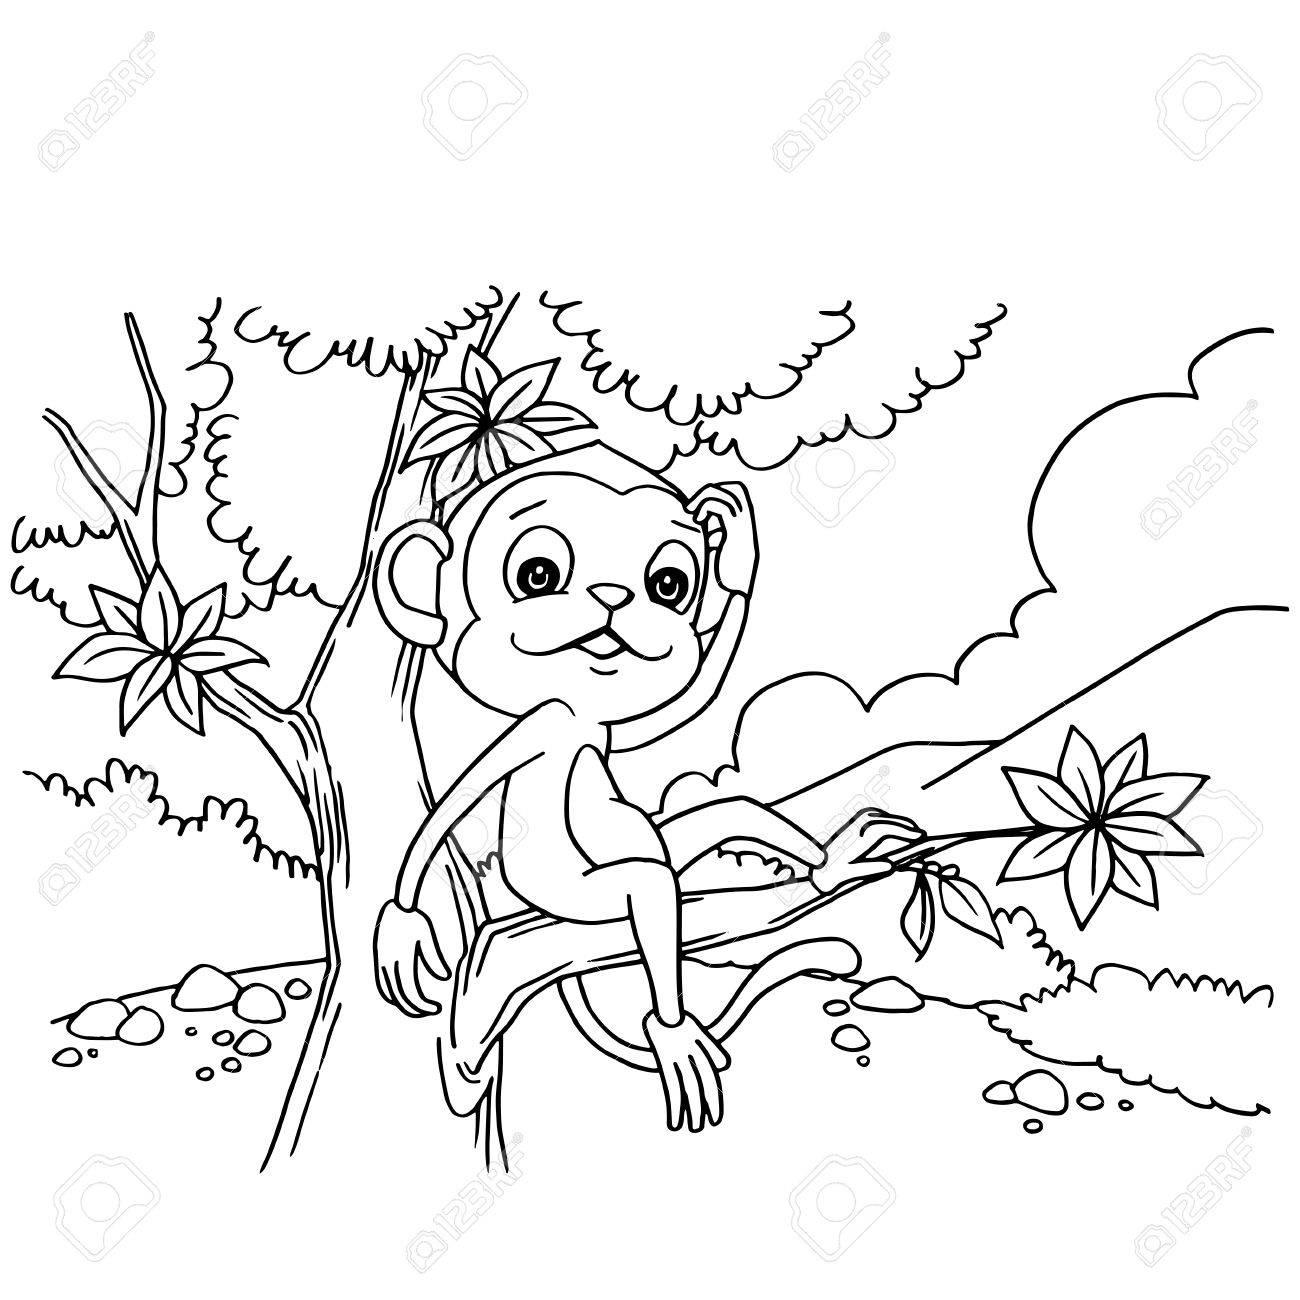 Mono De Dibujos Animados Jugando En El Bosque Para Colorear